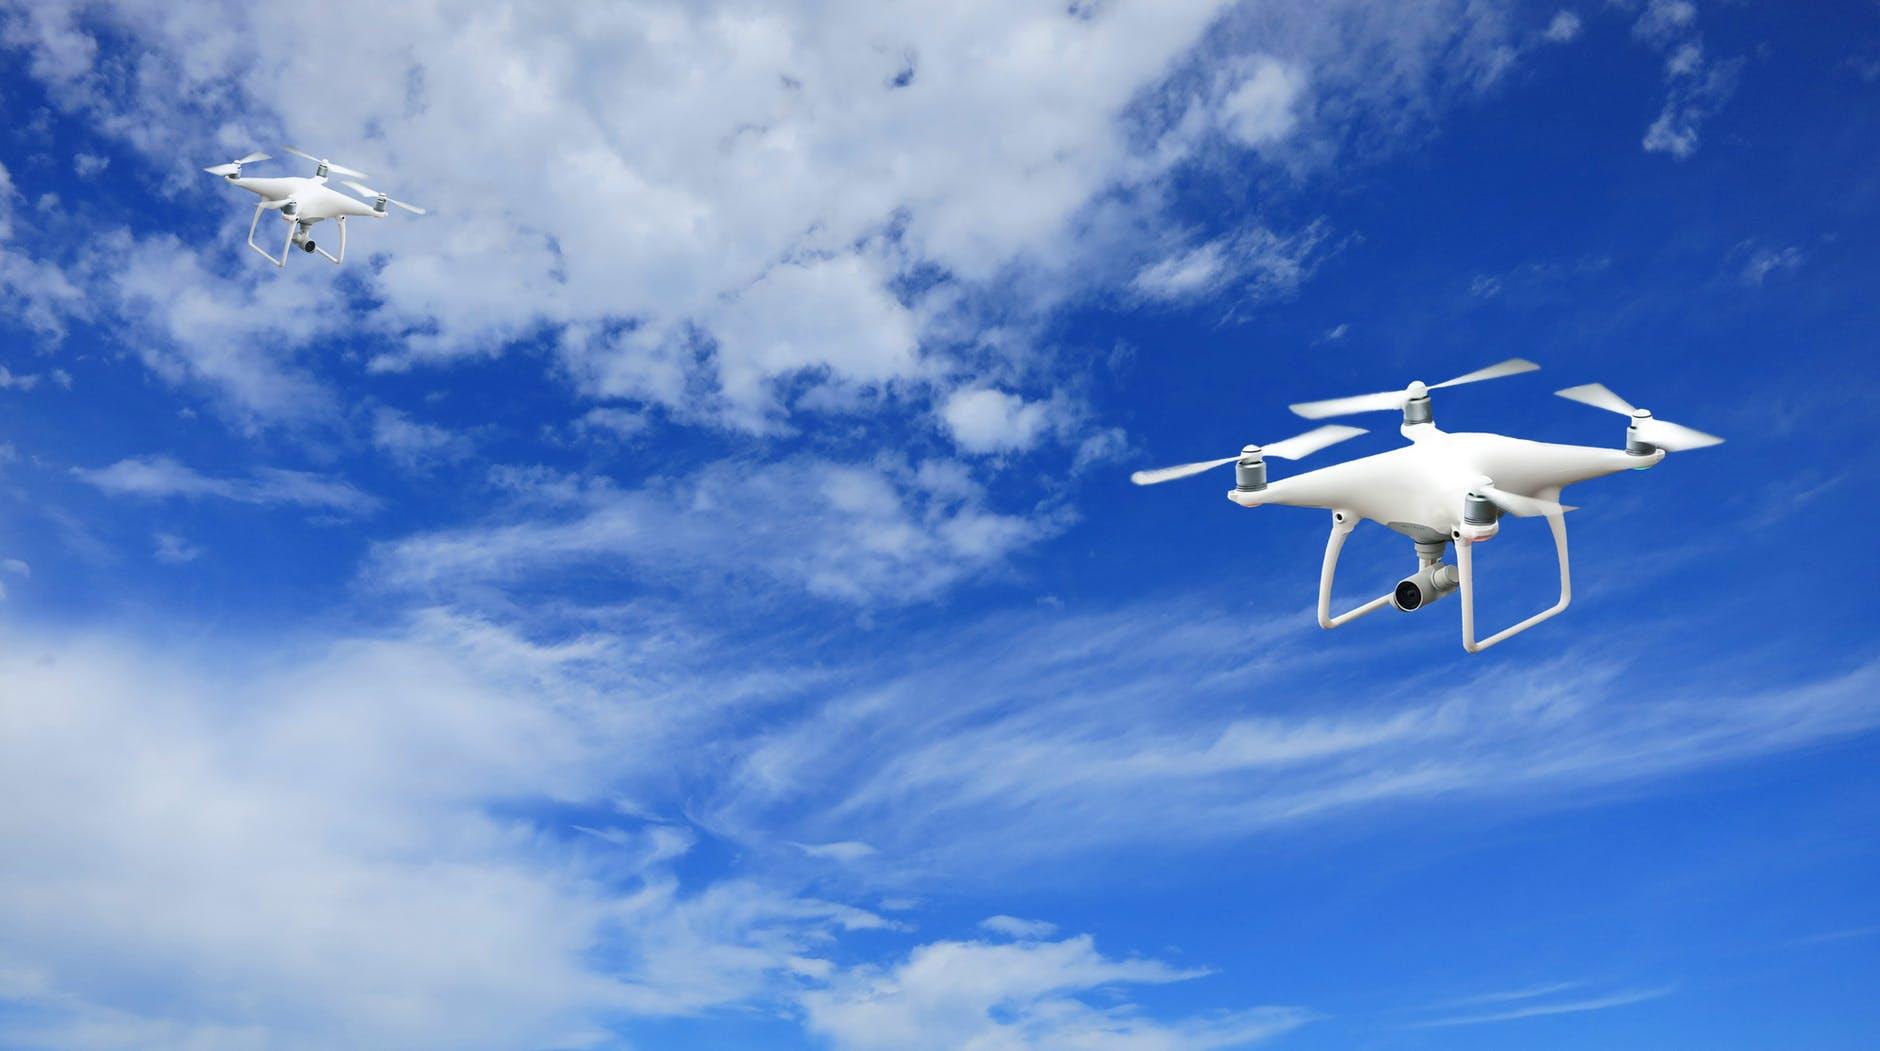 drone-cielo-nuvole